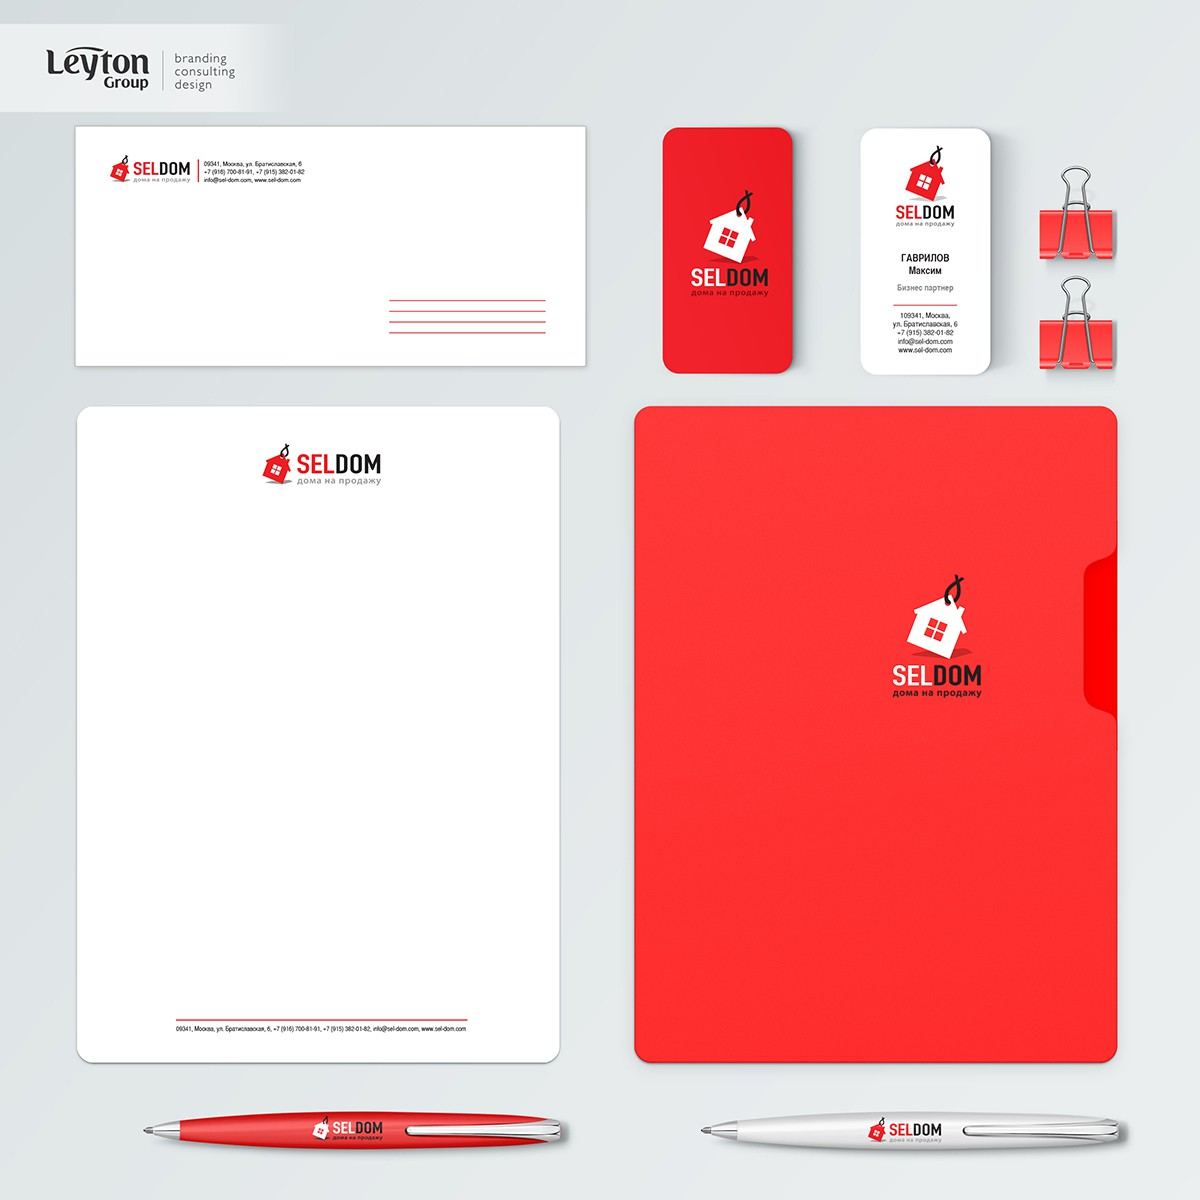 SelDom – нейминг, дизайн и сайт для новой компании на рынке недвижимости – Leyton Group